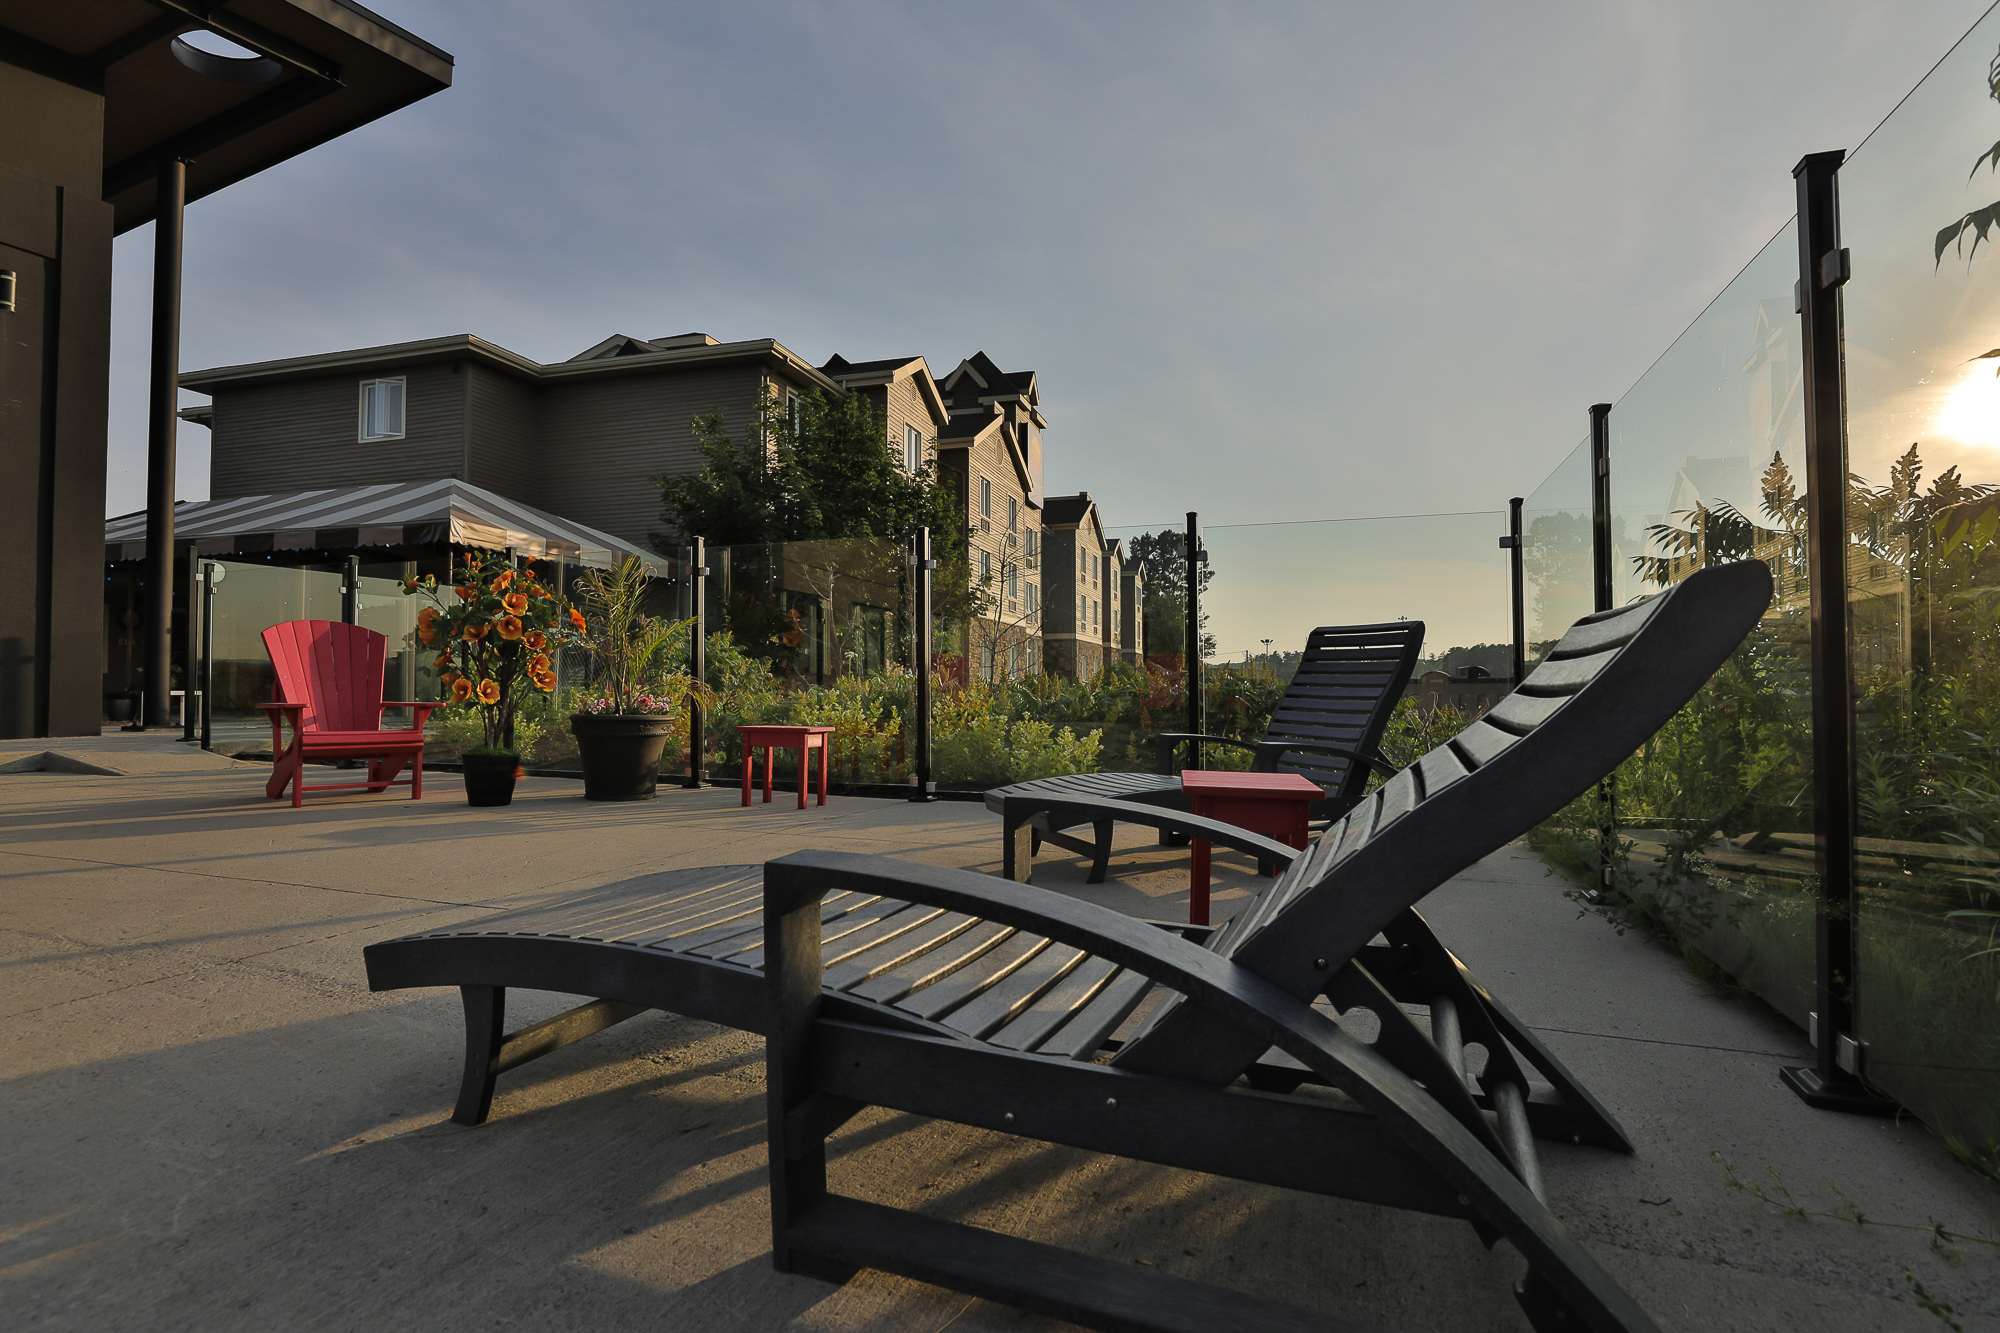 terrasse comfort inn & suites saint-jérôme